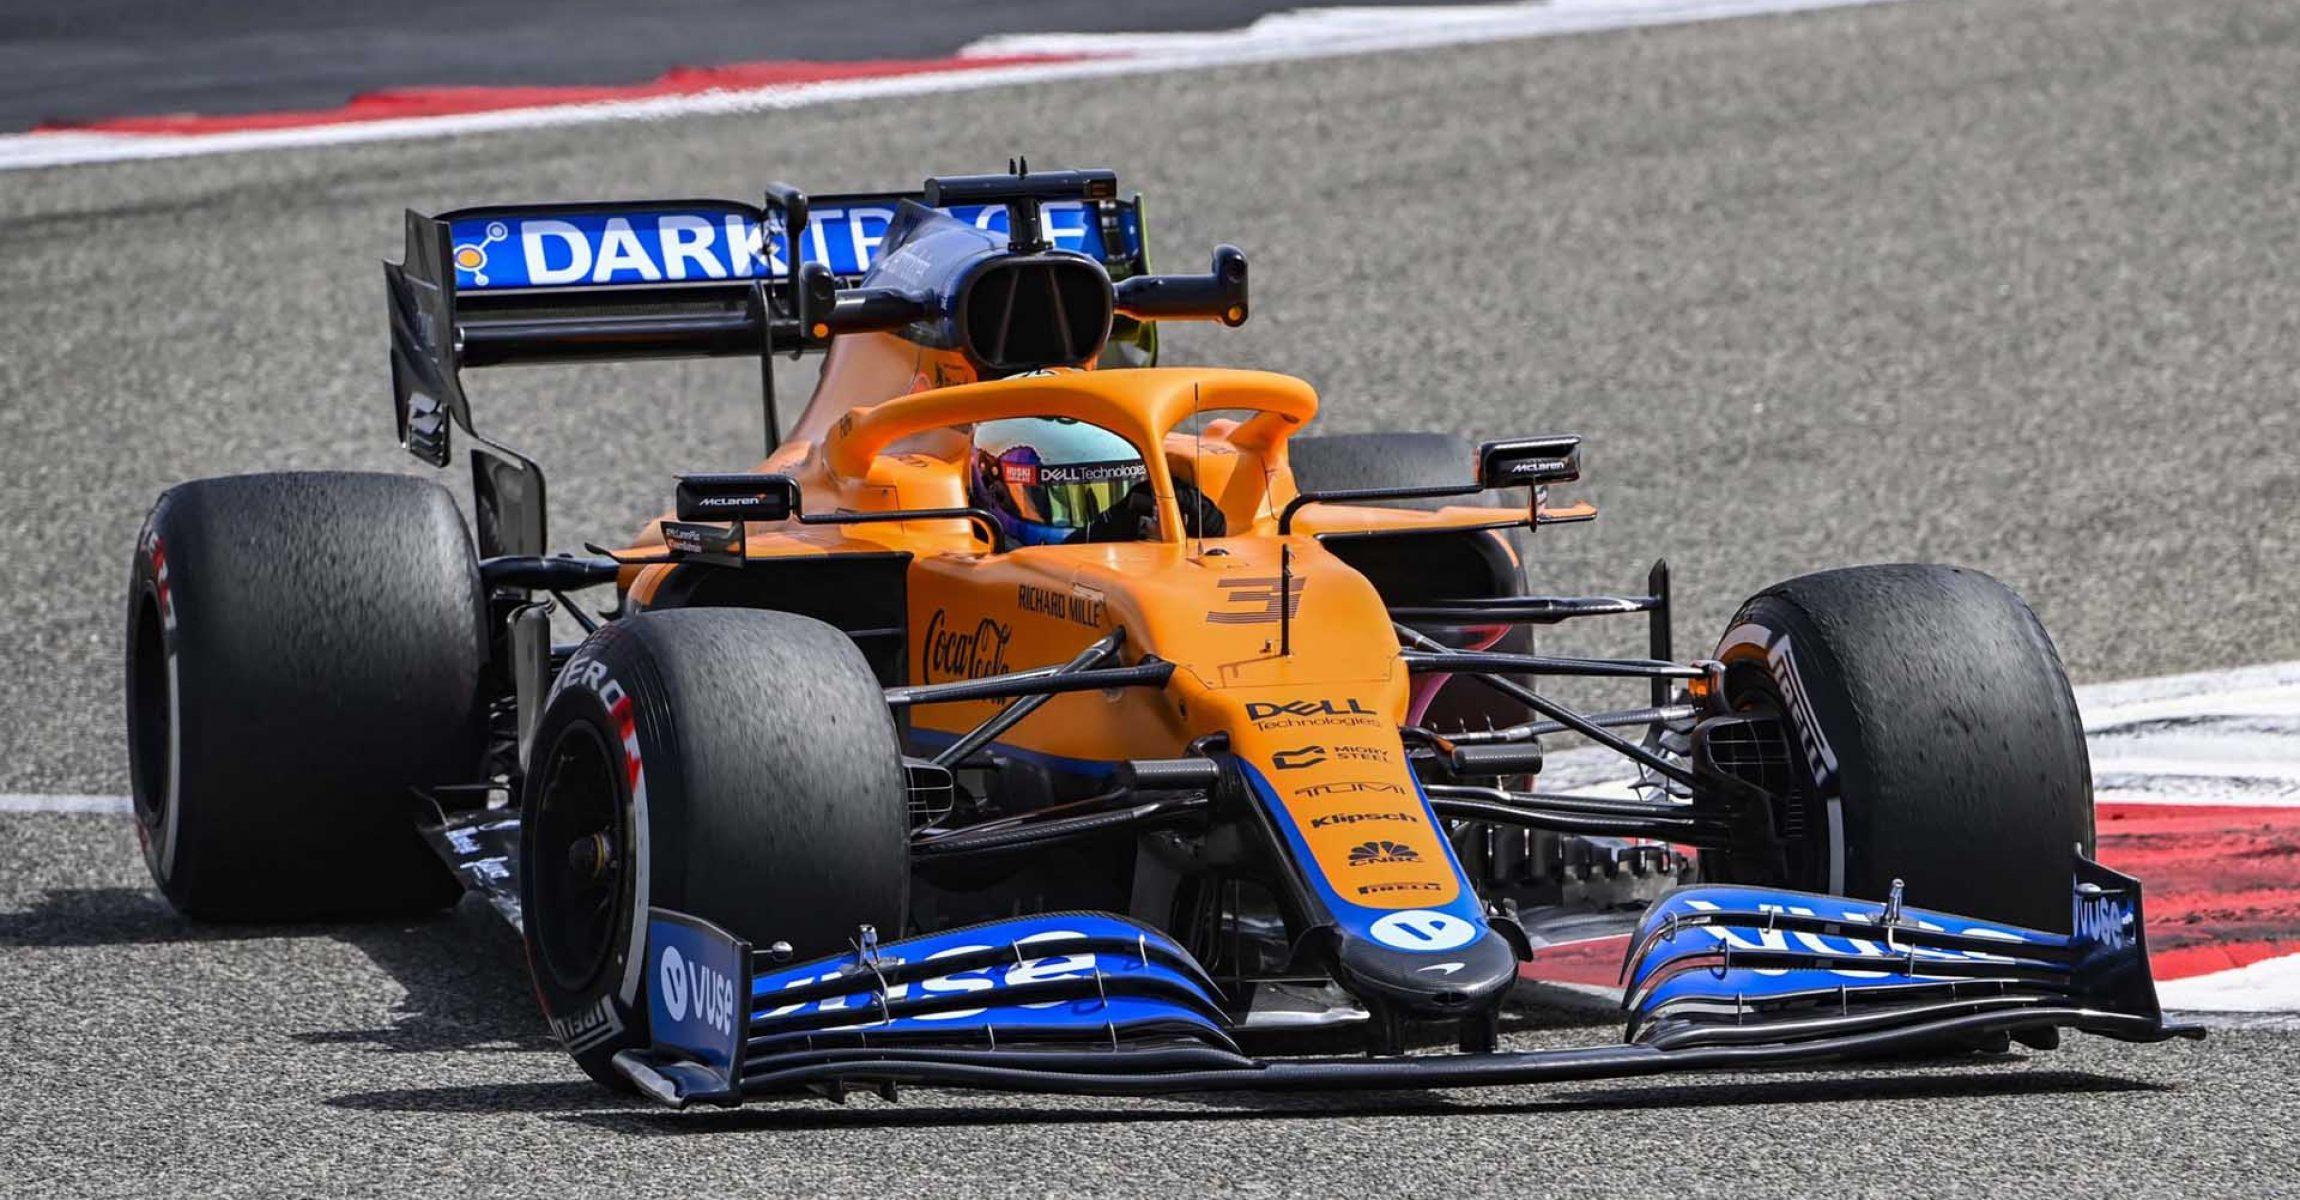 Daniel Ricciardo McLaren Bahrain, Testing, Day 1